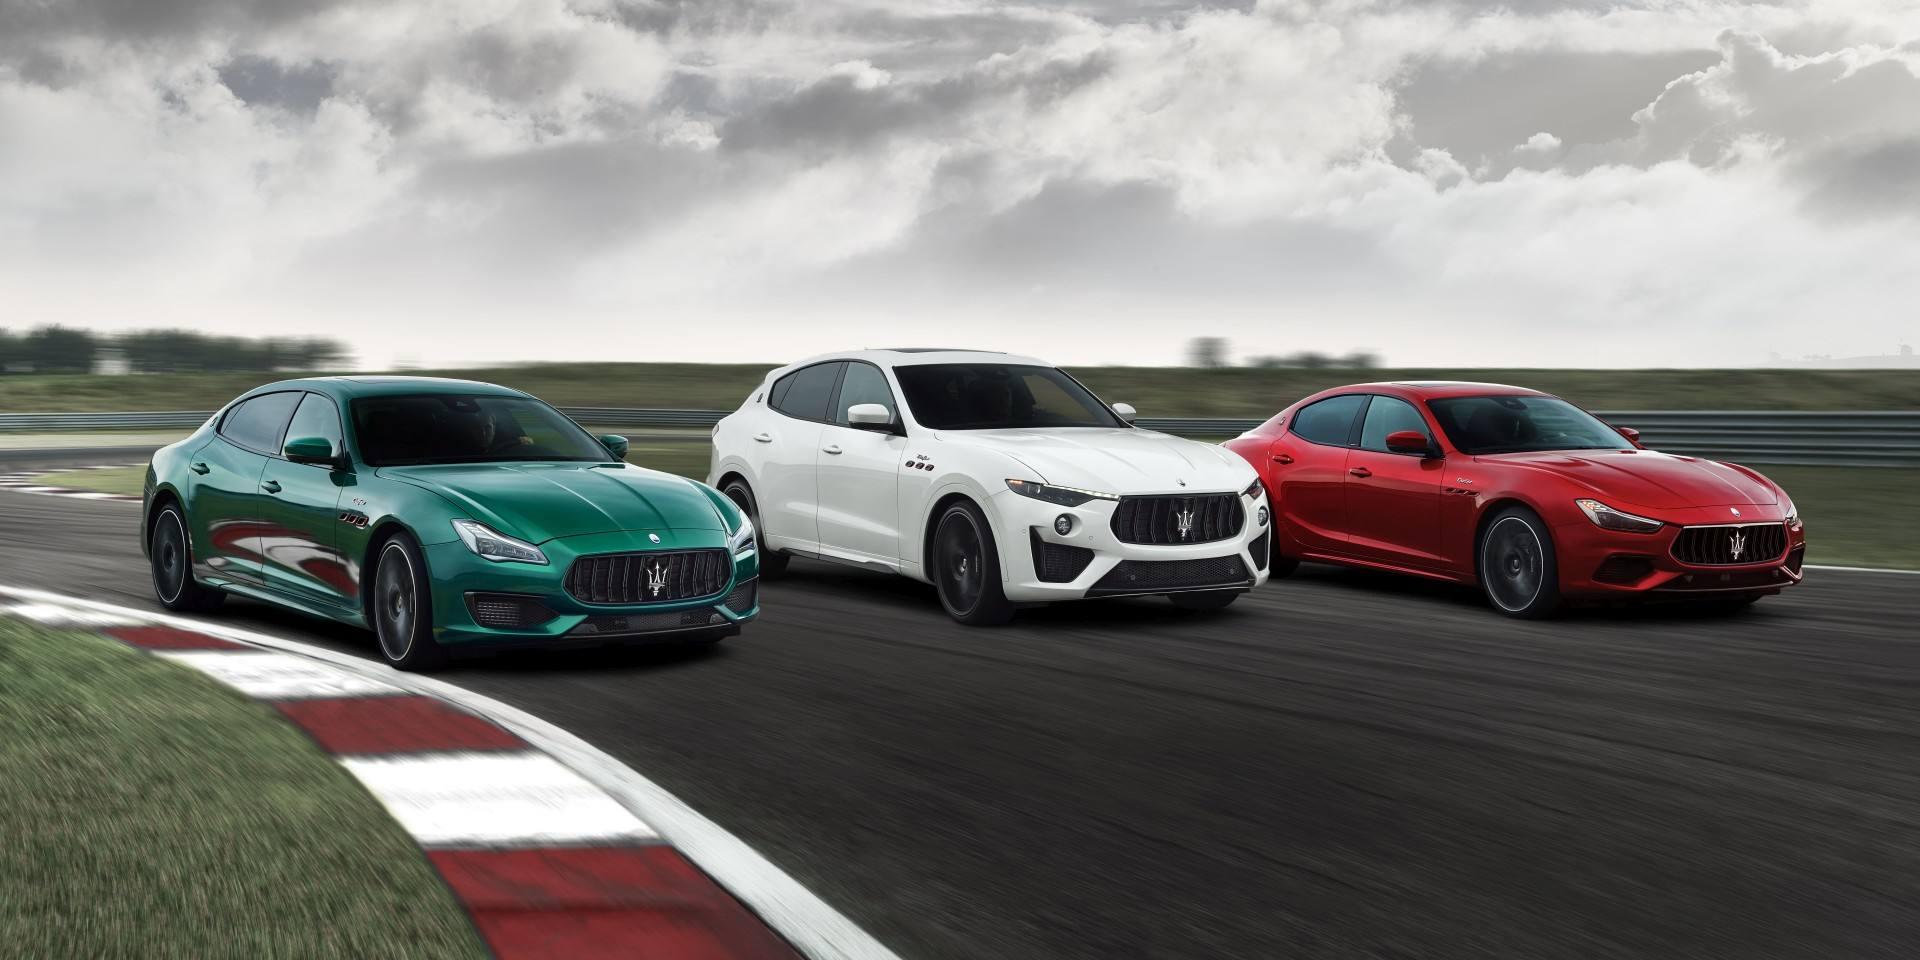 前所未見的跑格魅力;Maserati Trofeo高性能車系強勢來襲